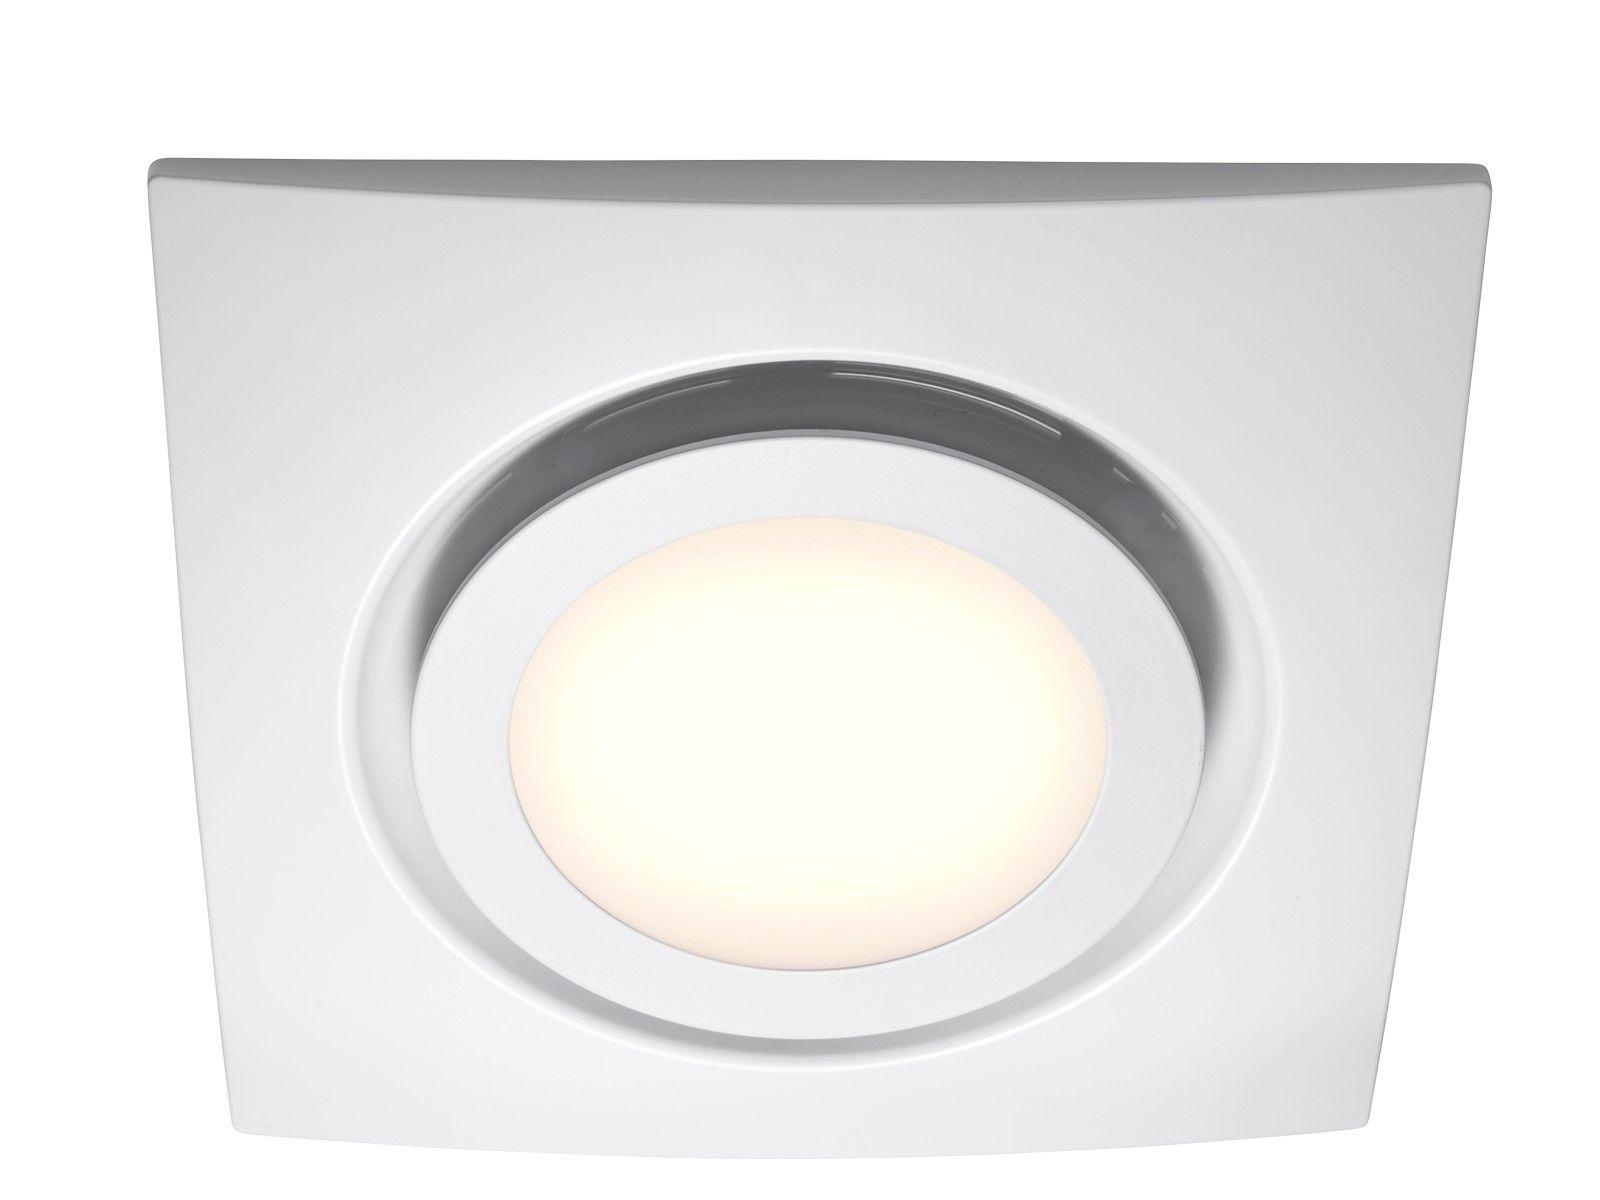 Ductless Bathroom Exhaust Fan With Light Bathroom Fan Light